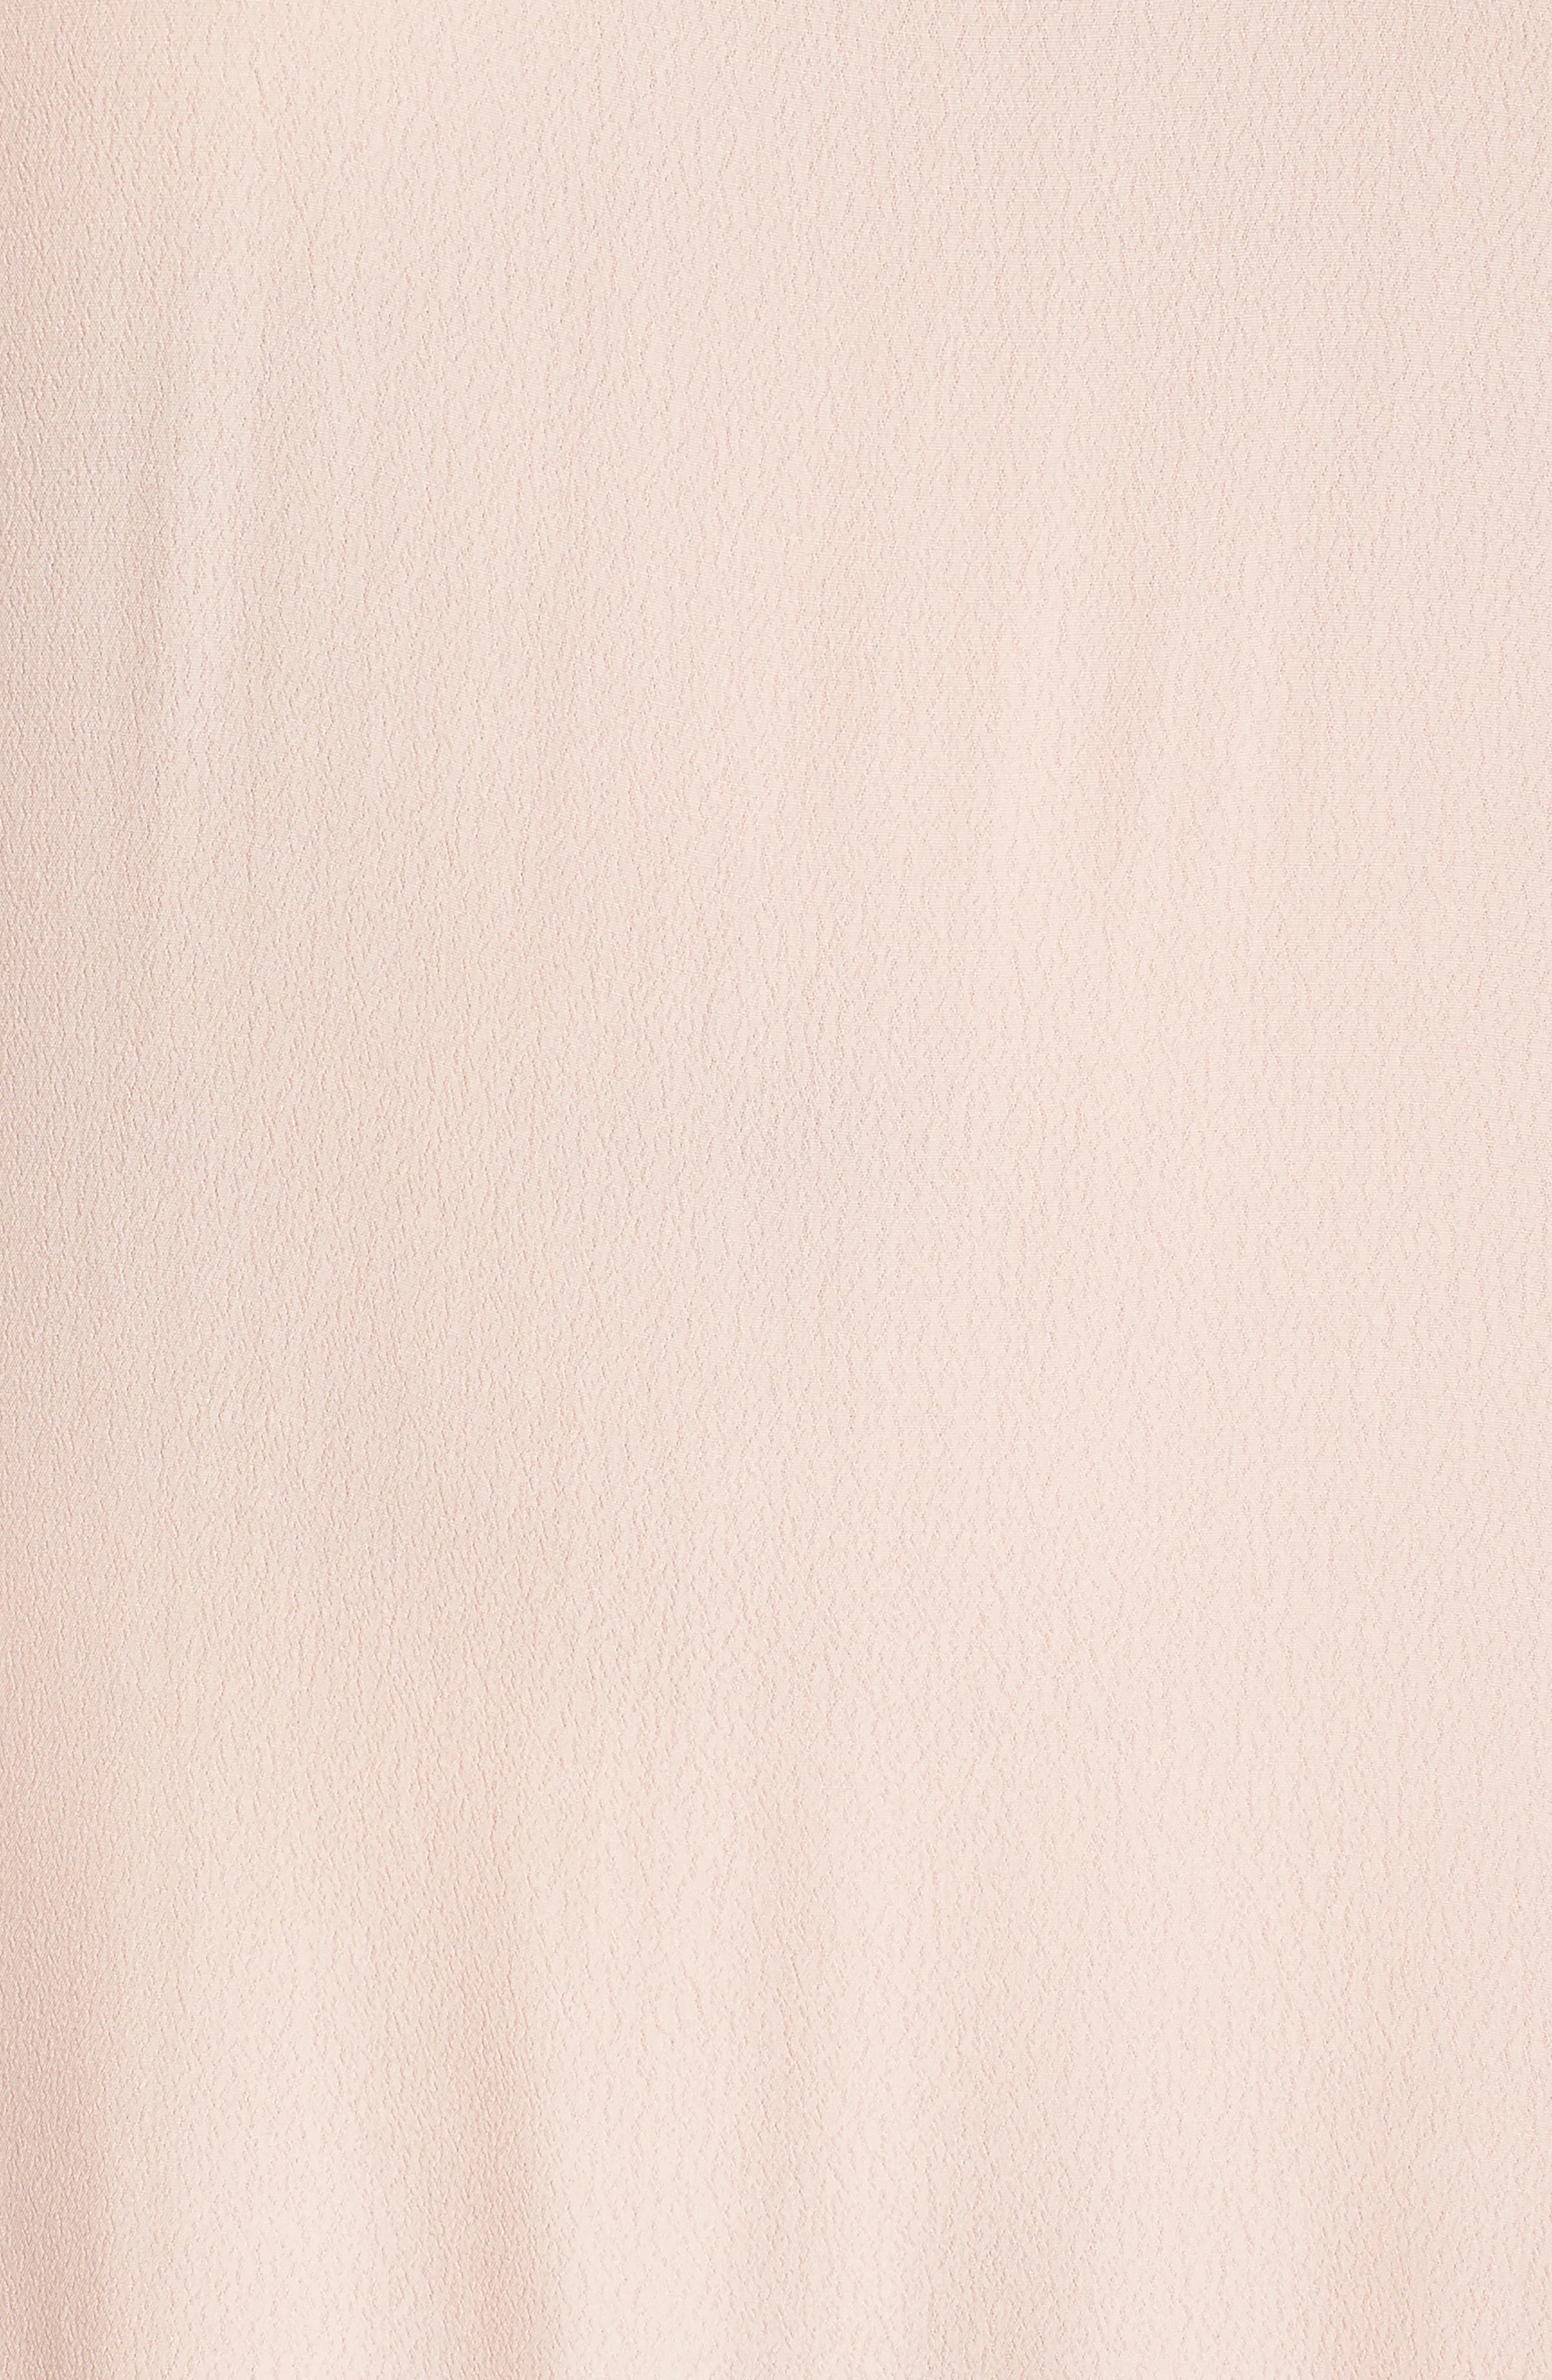 Jolie Lace Accent Cover-Up Dress,                             Alternate thumbnail 12, color,